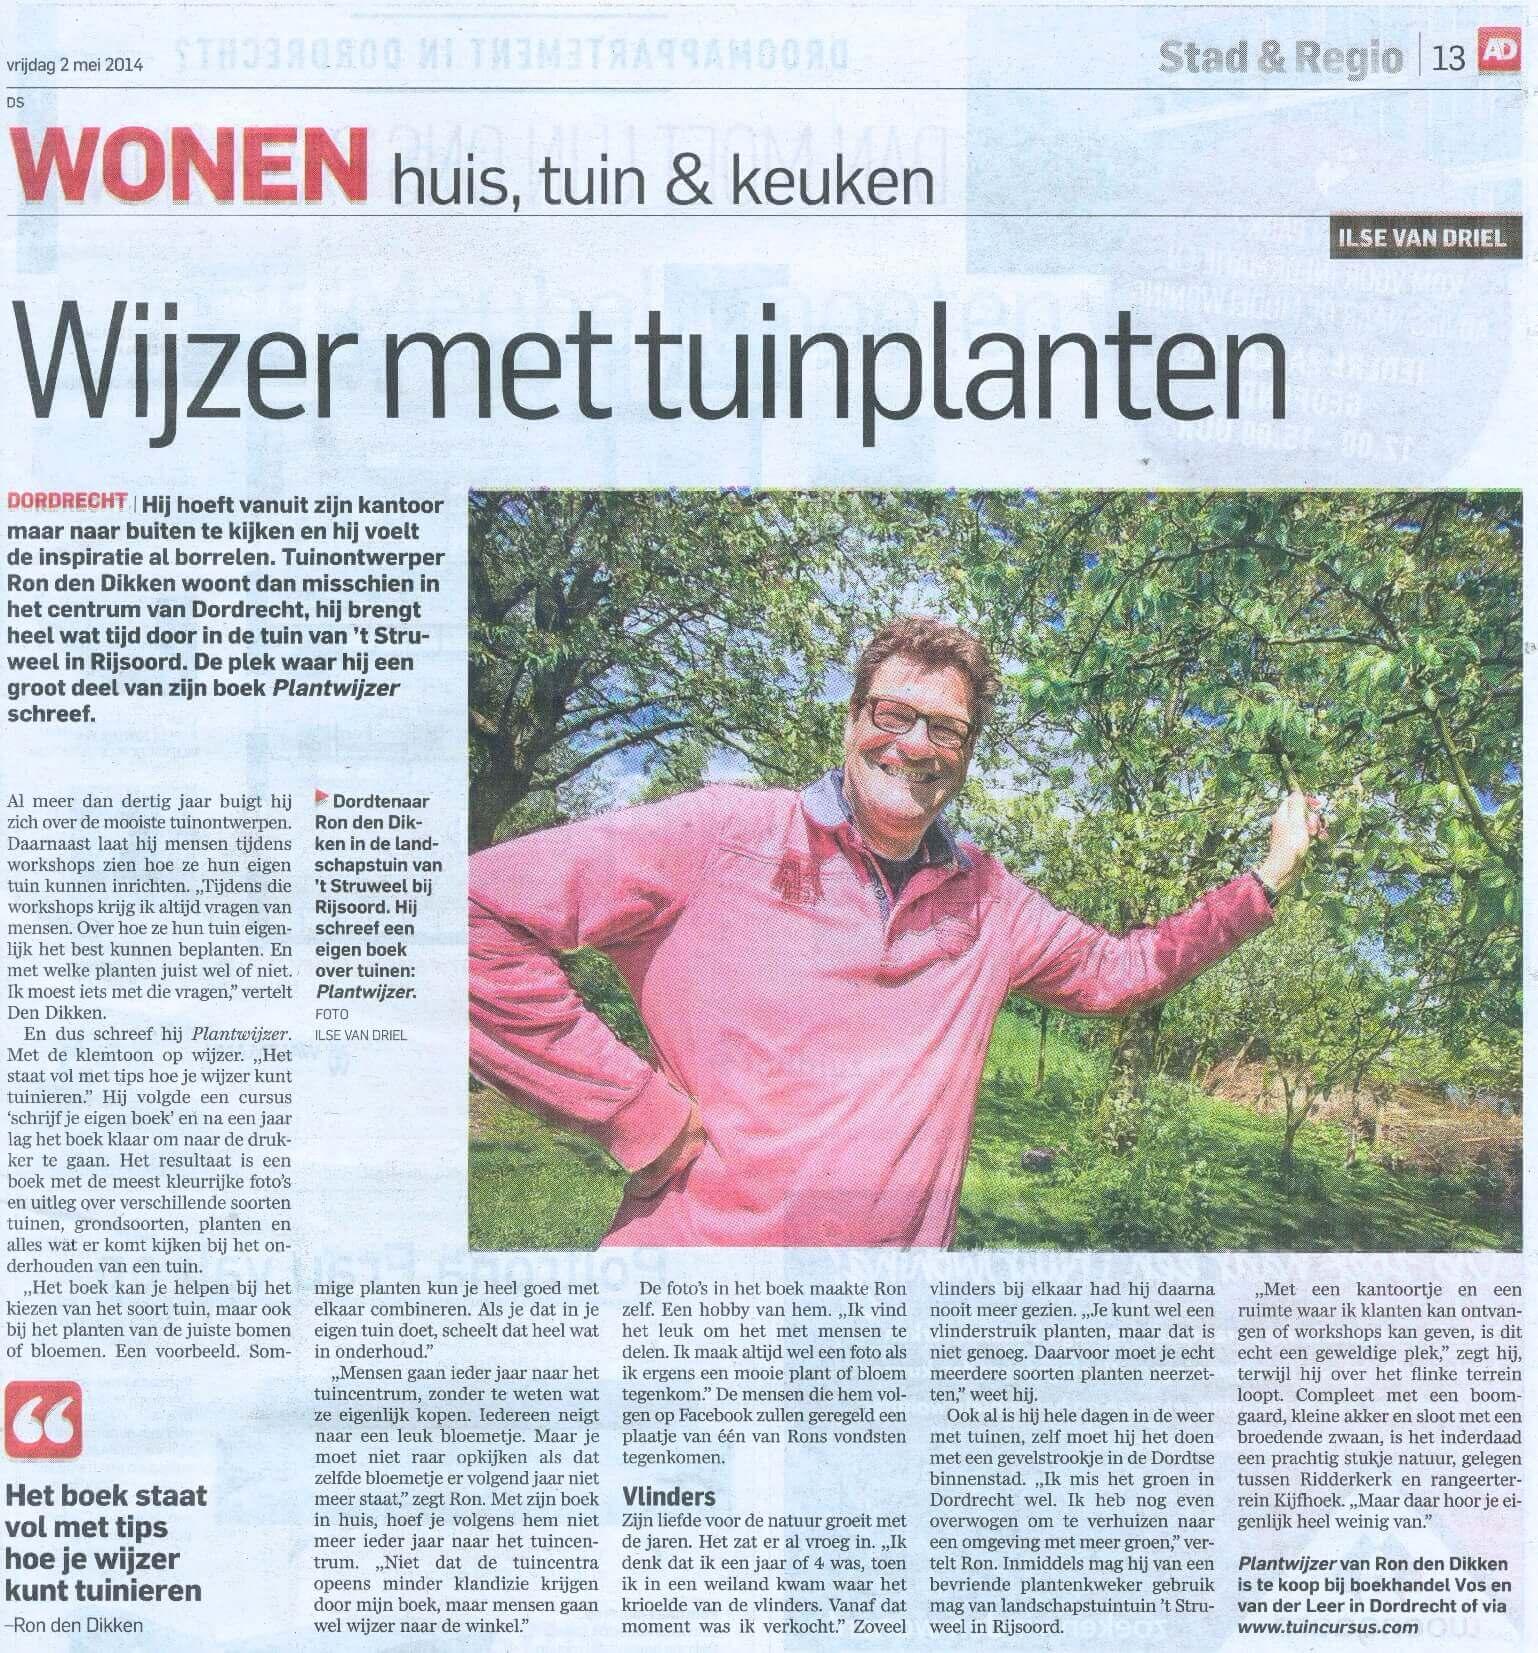 Romantische Tuin Plantwijzer Artikel AD